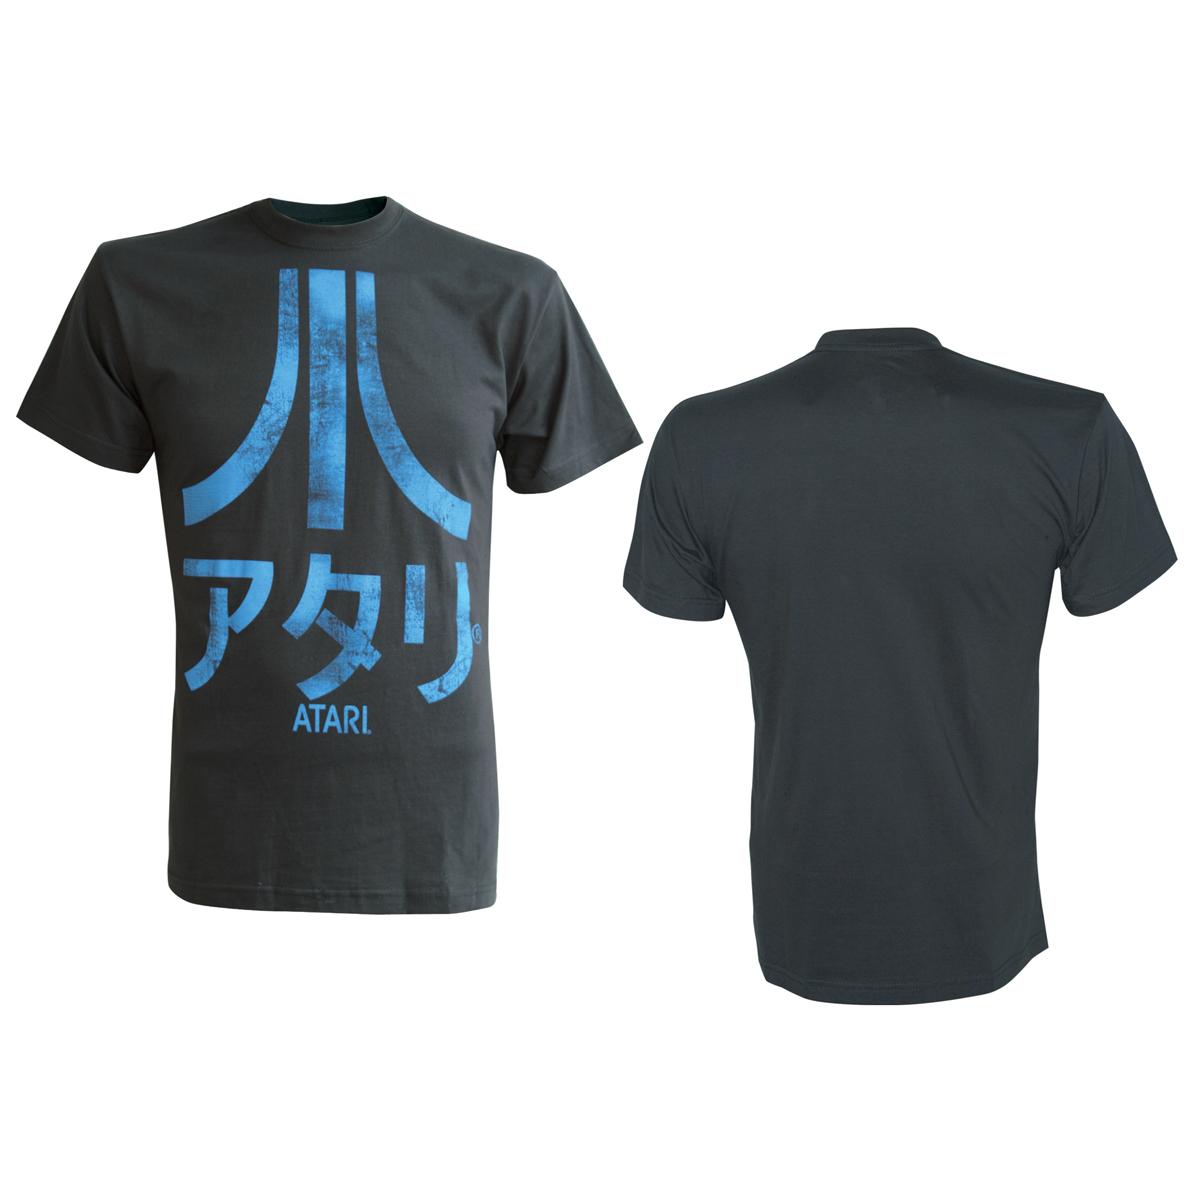 Jeux et Accessoires T-Shirt Atari Japan taille S T-Shirt anthracite Atari